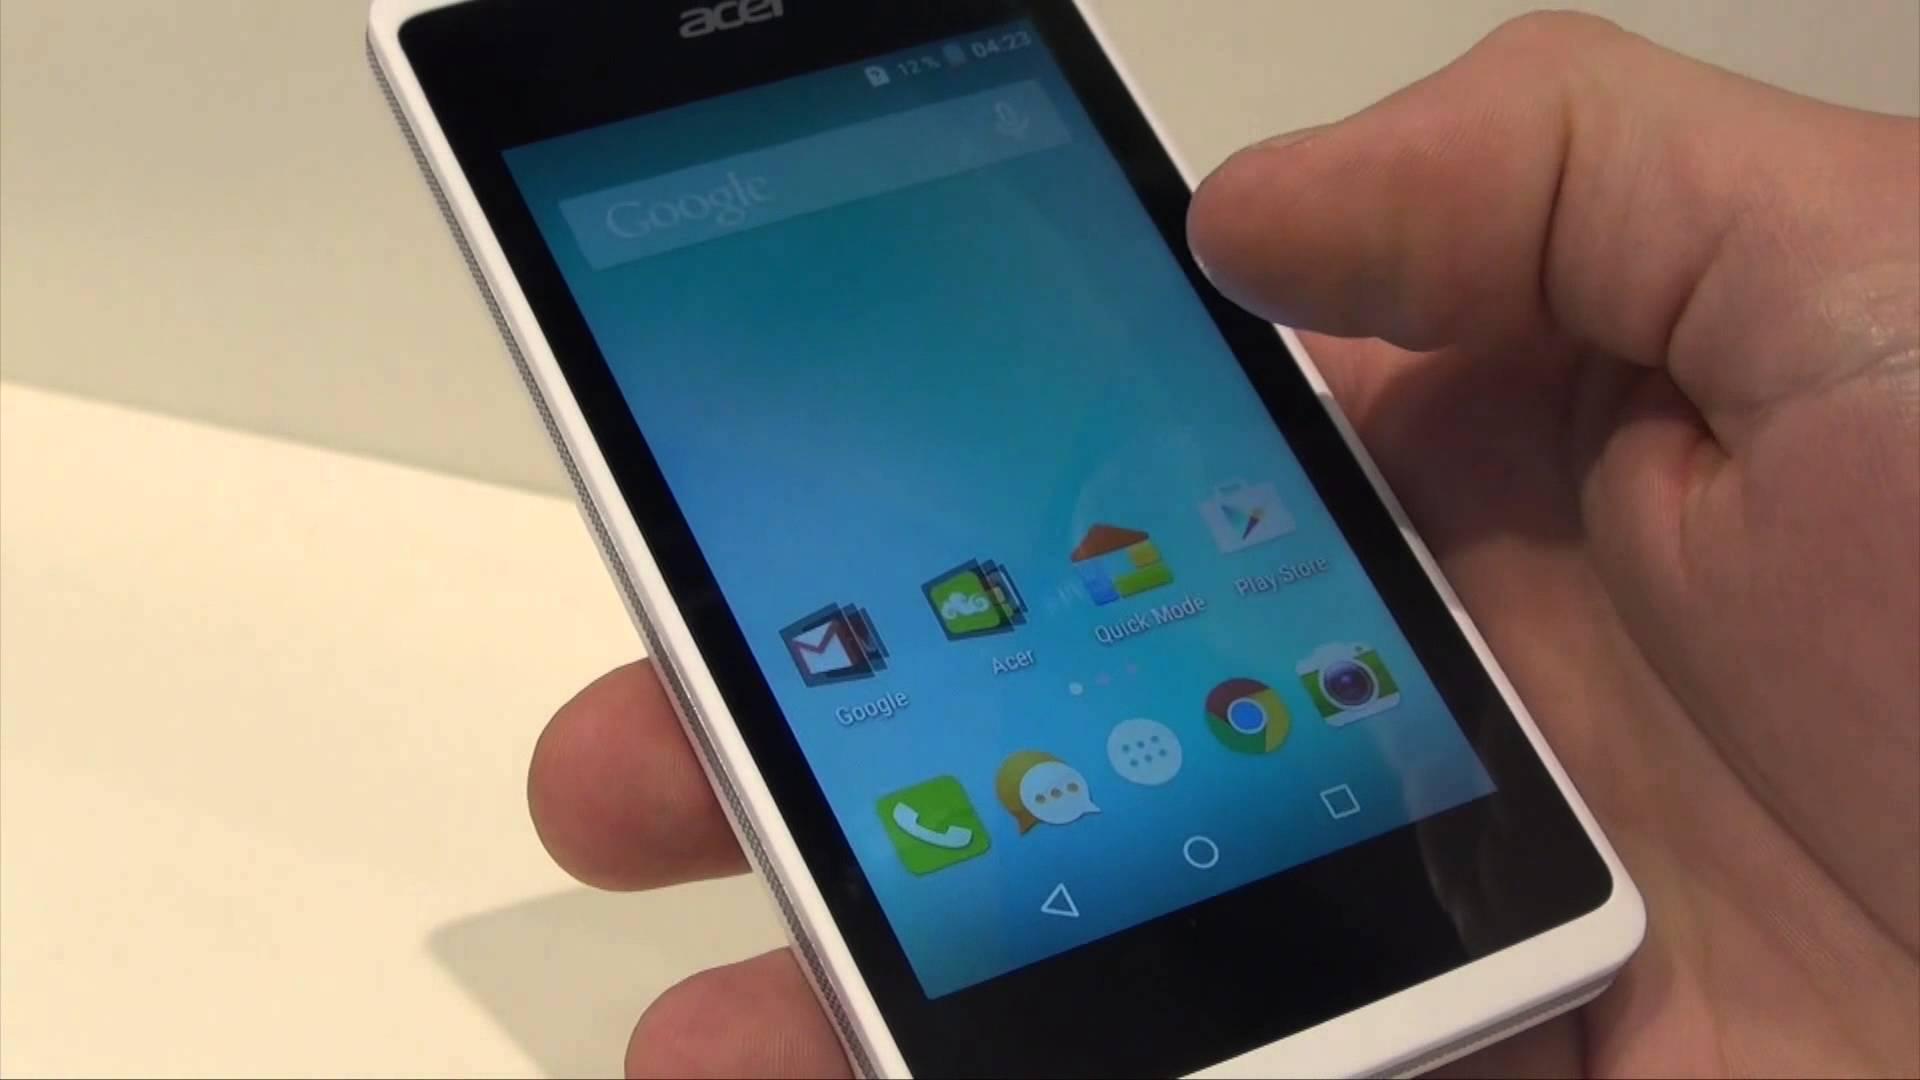 Acer Liquid Z220 Une Entree De Gamme Avec Un Prix A Tout Casser